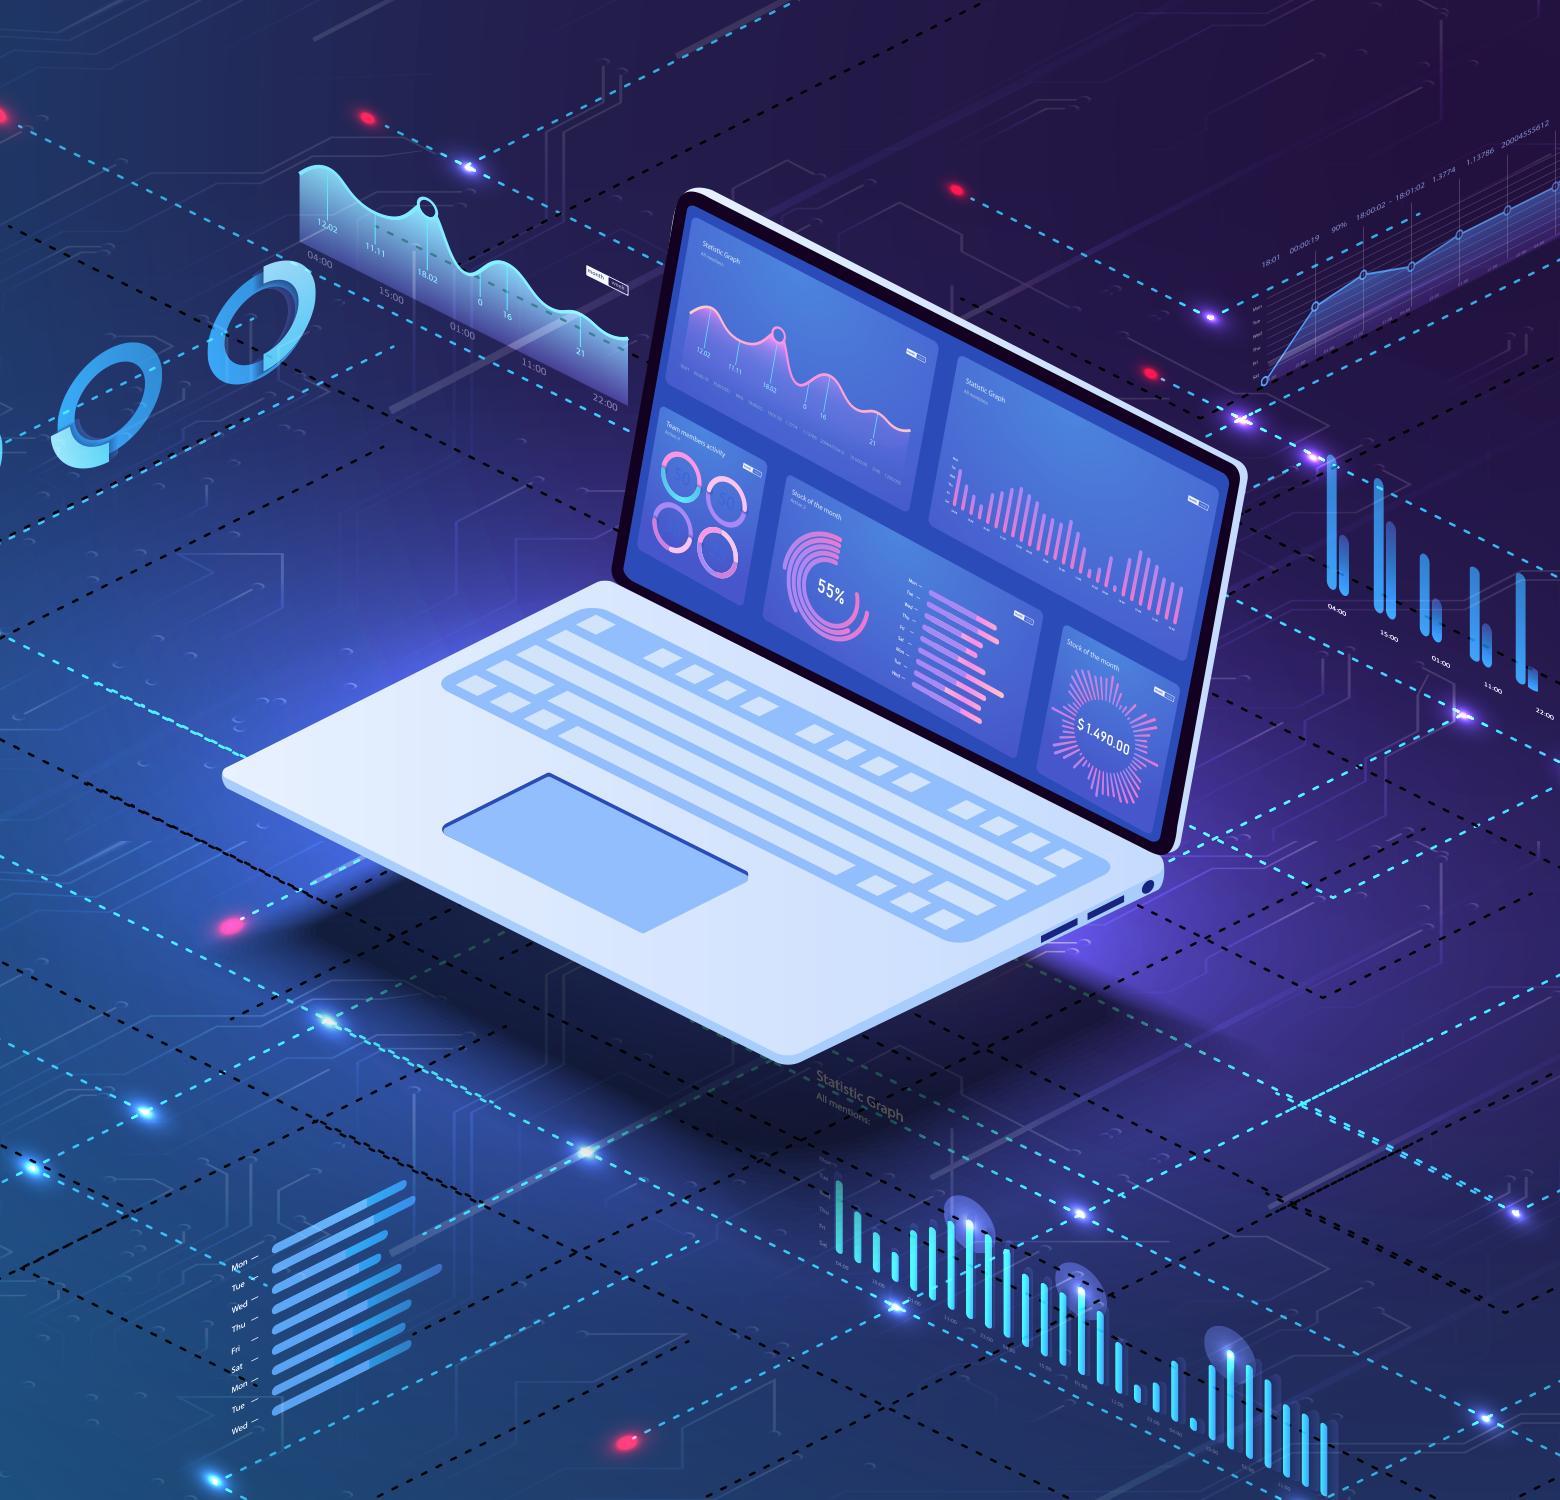 Analyse des KPI marketing